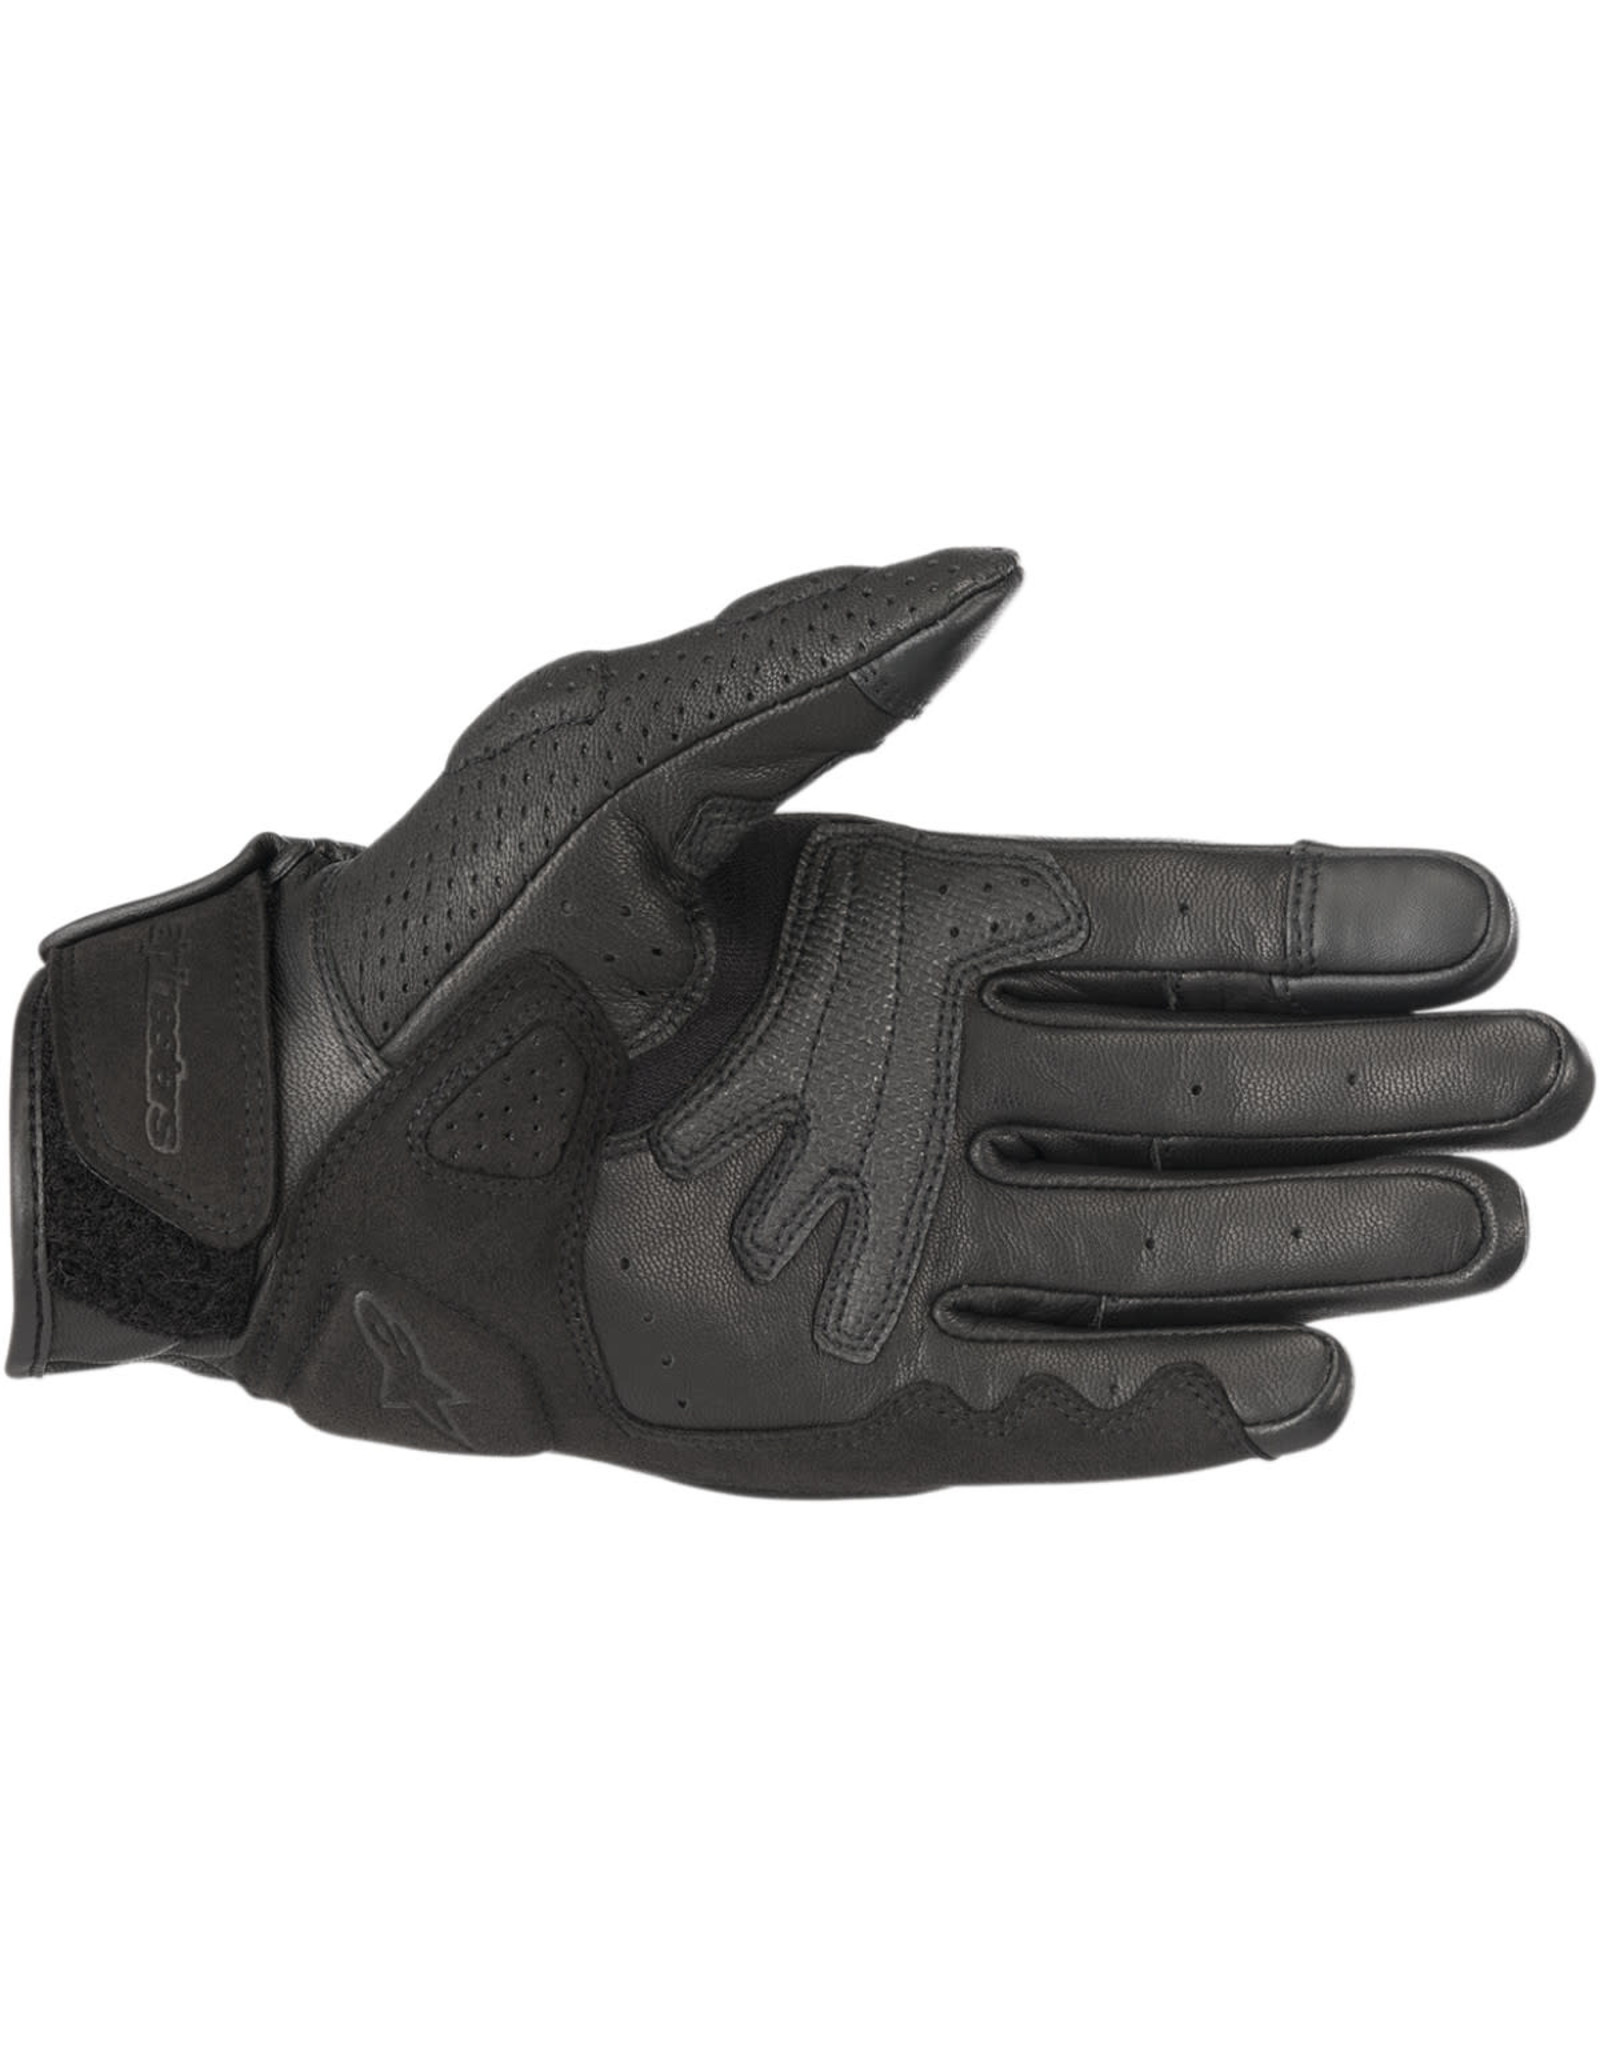 Alpinestars Alpinestars Mustang V2 Gloves